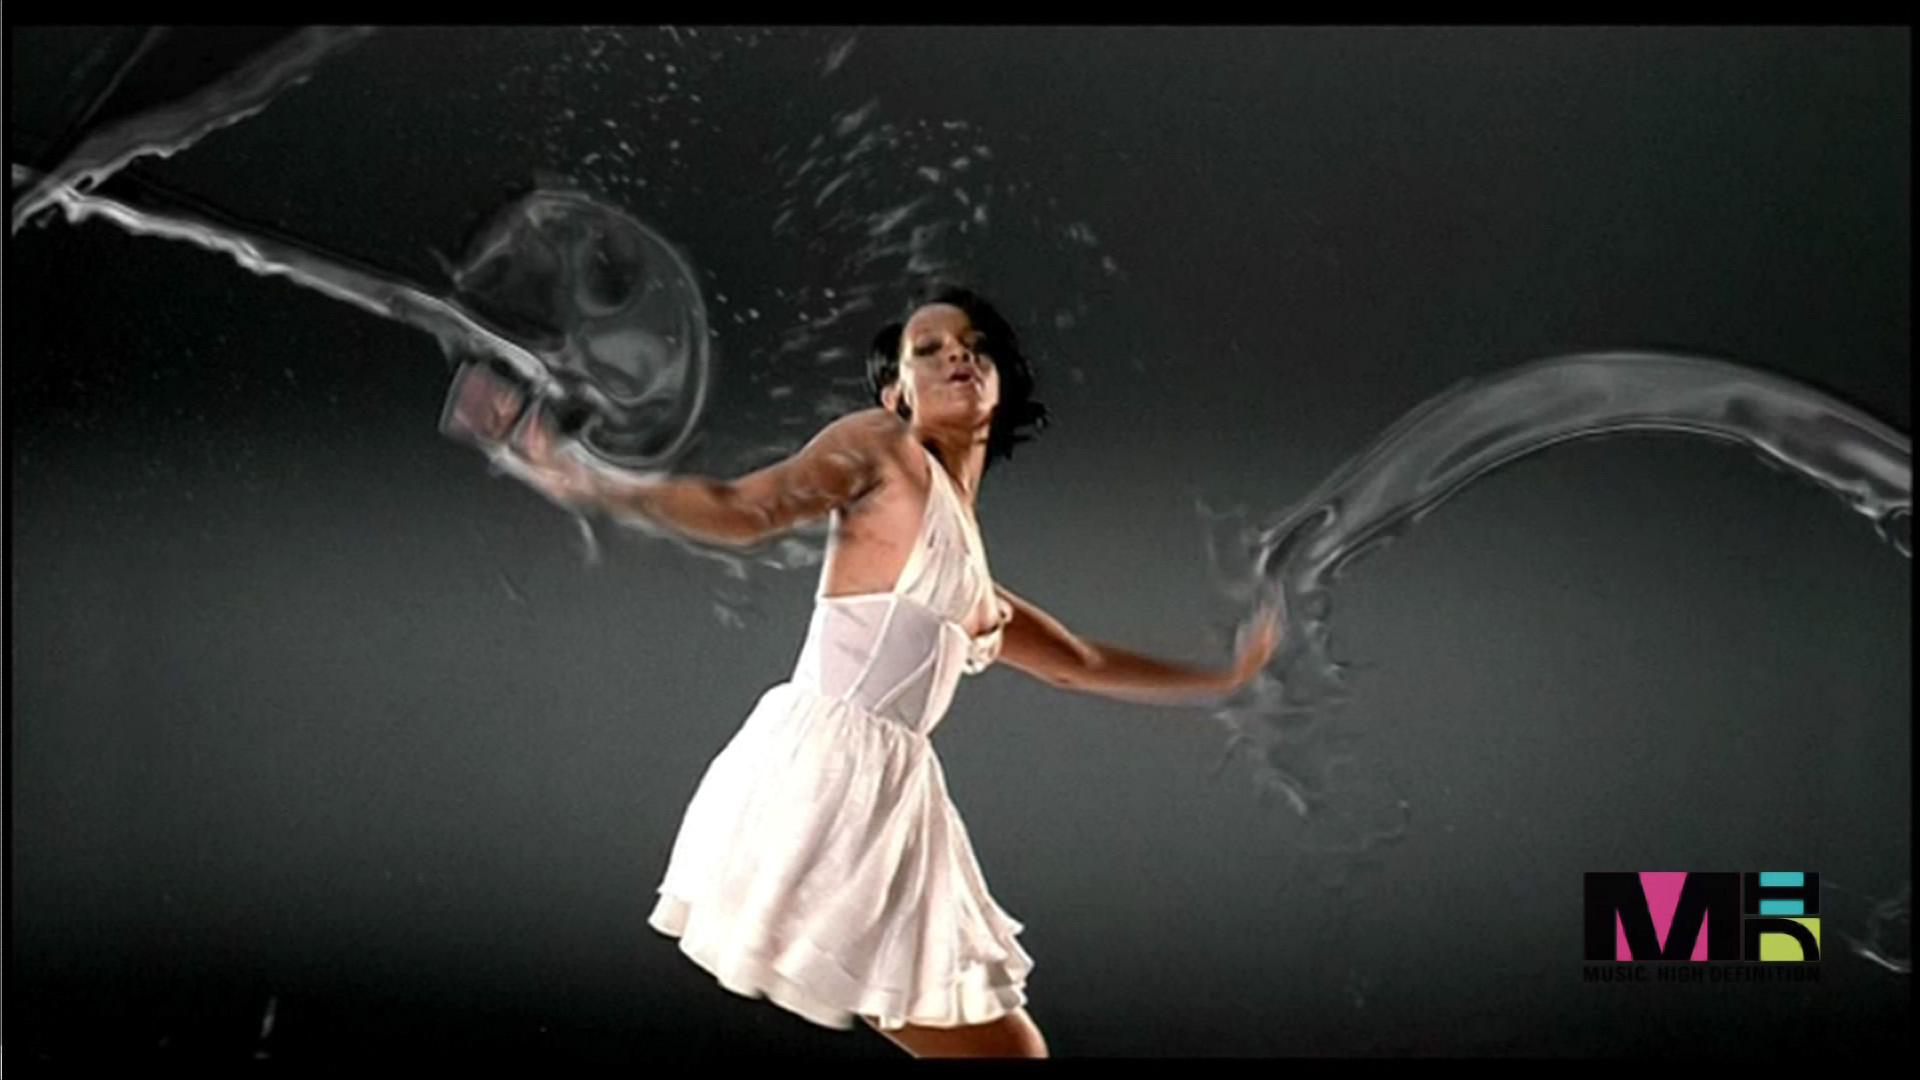 Fotos da rihanna no clipe umbrella 64